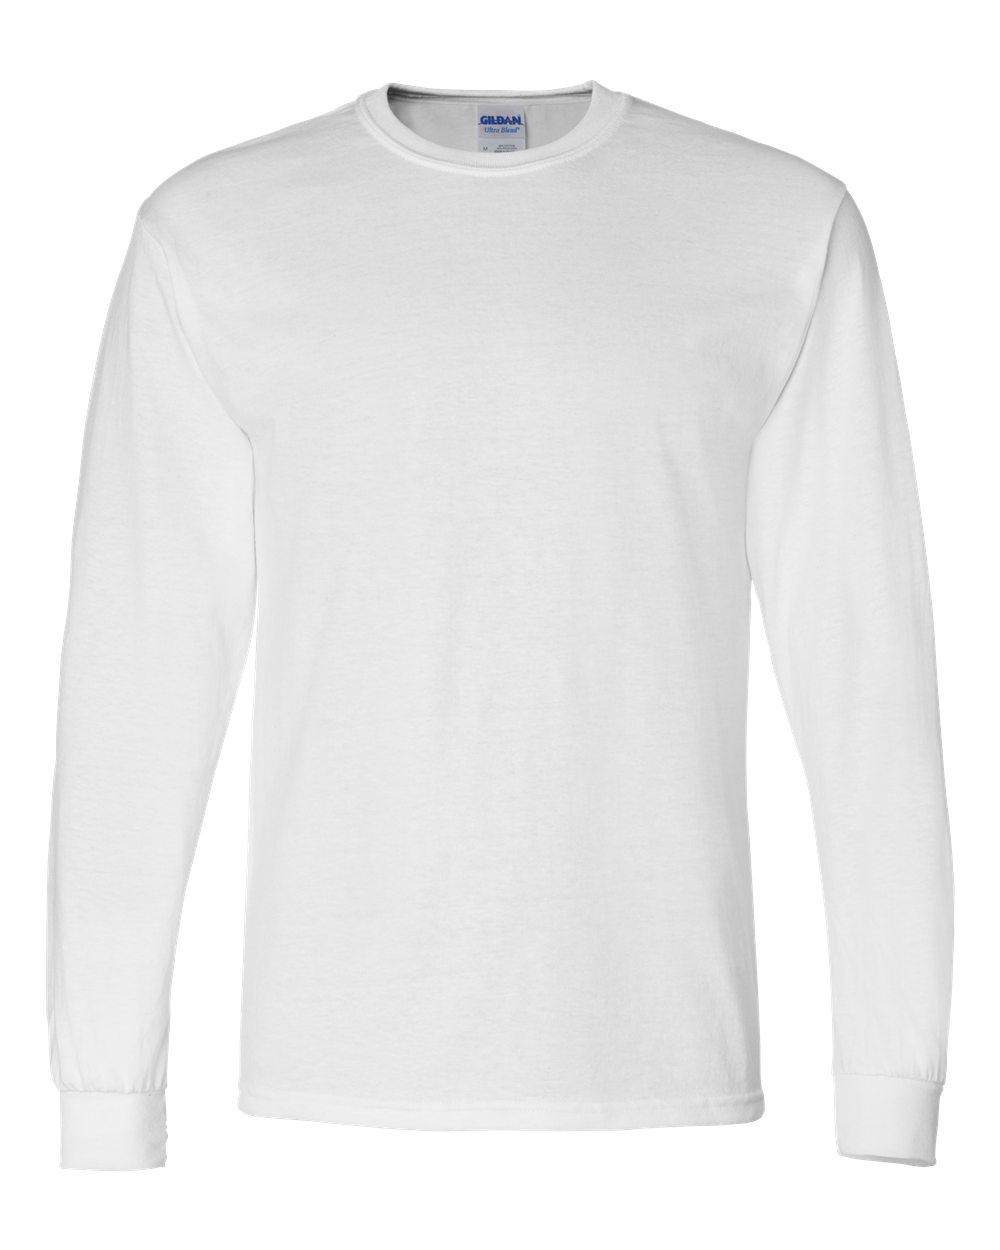 Gildan-Mens-Blank-DryBlend-50-50-Cotton-Long-Sleeve-T-Shirt-8400-up-to-3XL miniature 48